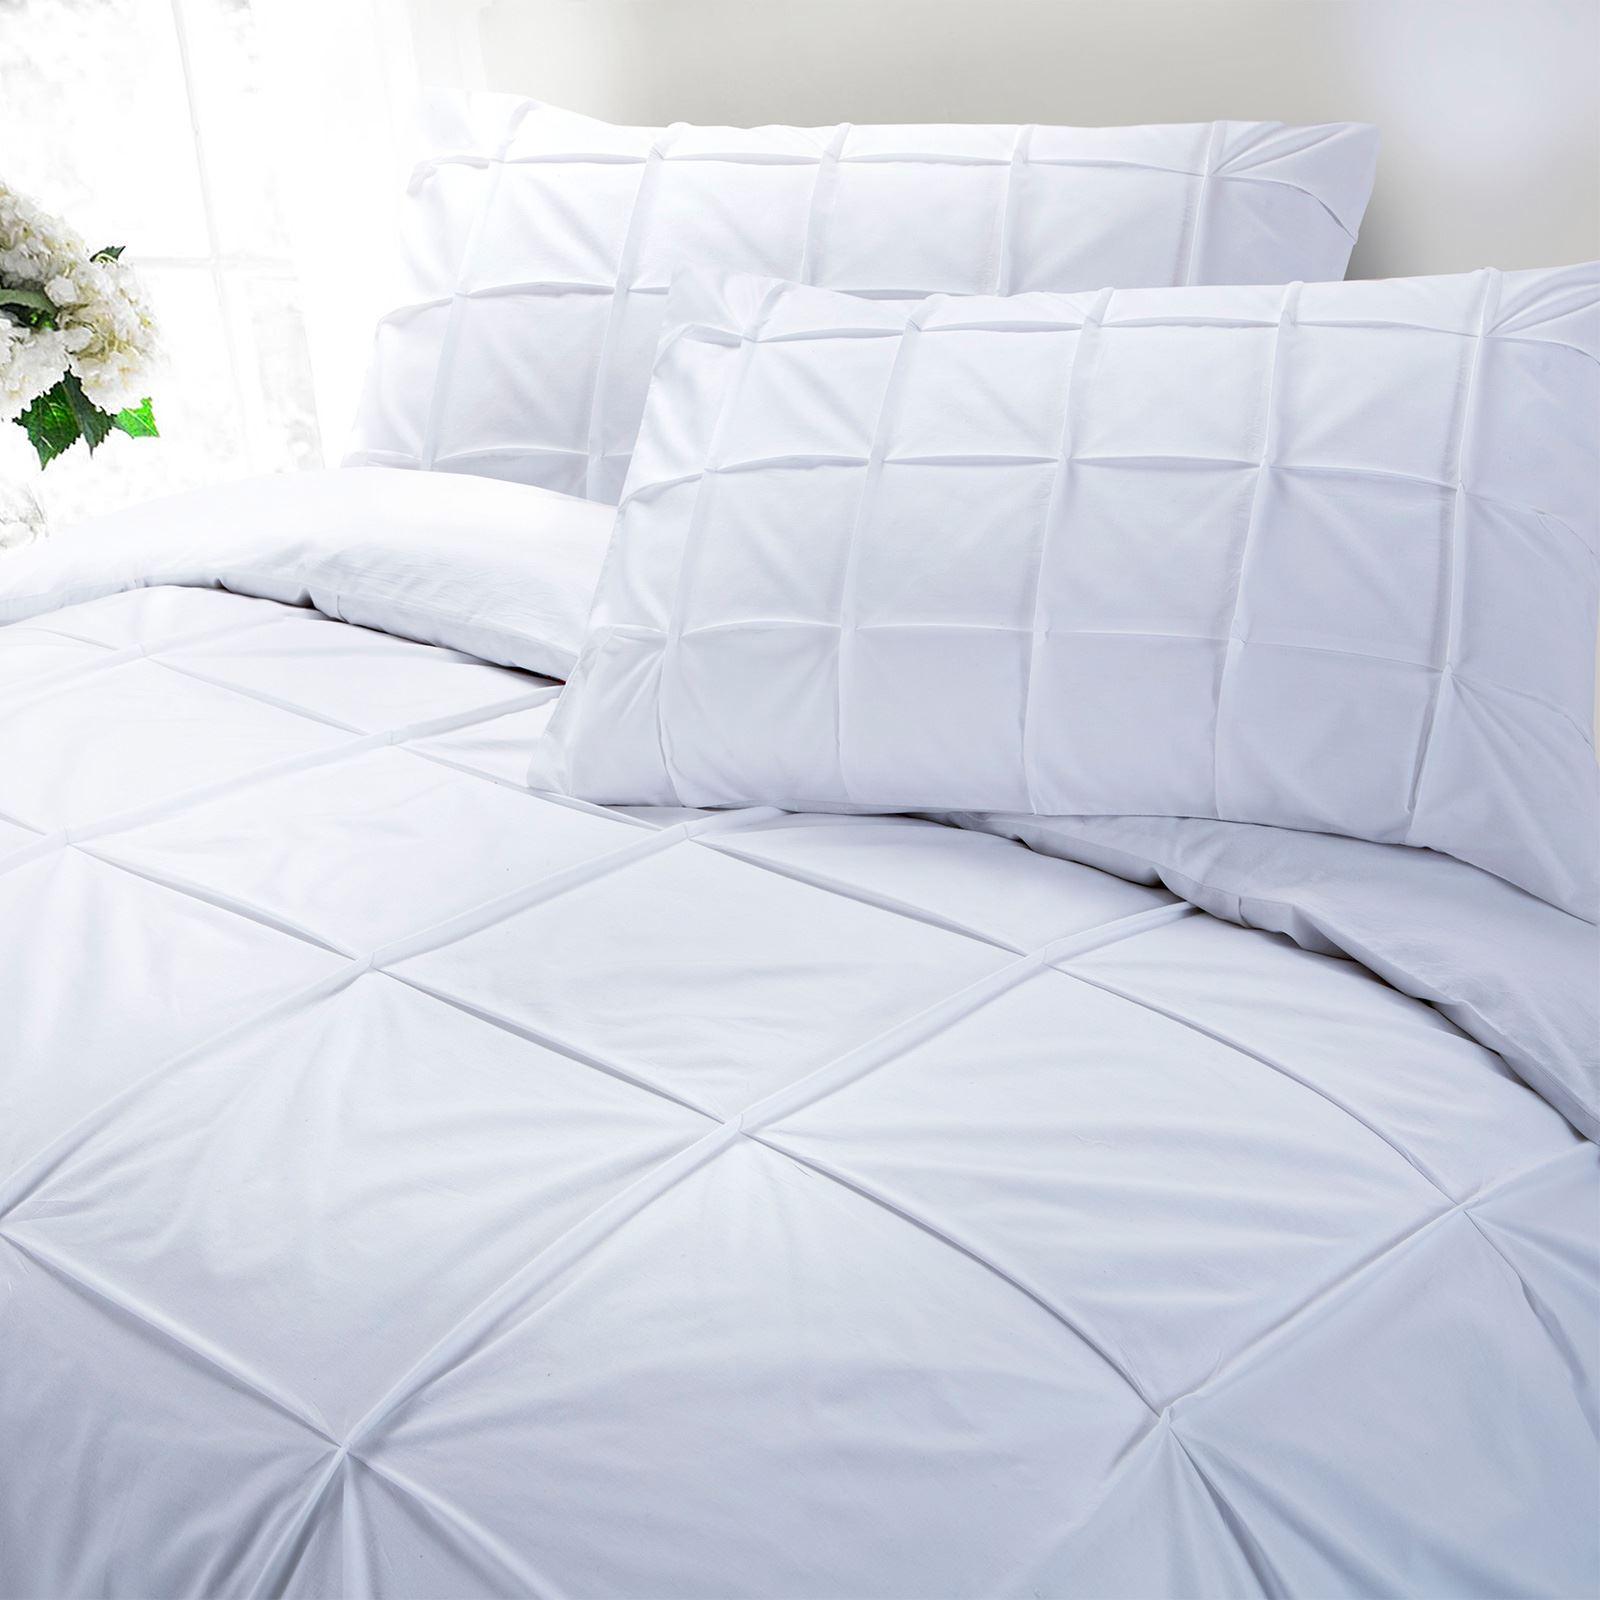 100-Coton-Egyptien-de-couette-couette-Set-Simple-Double-King-Size-Bed-sheets miniature 3